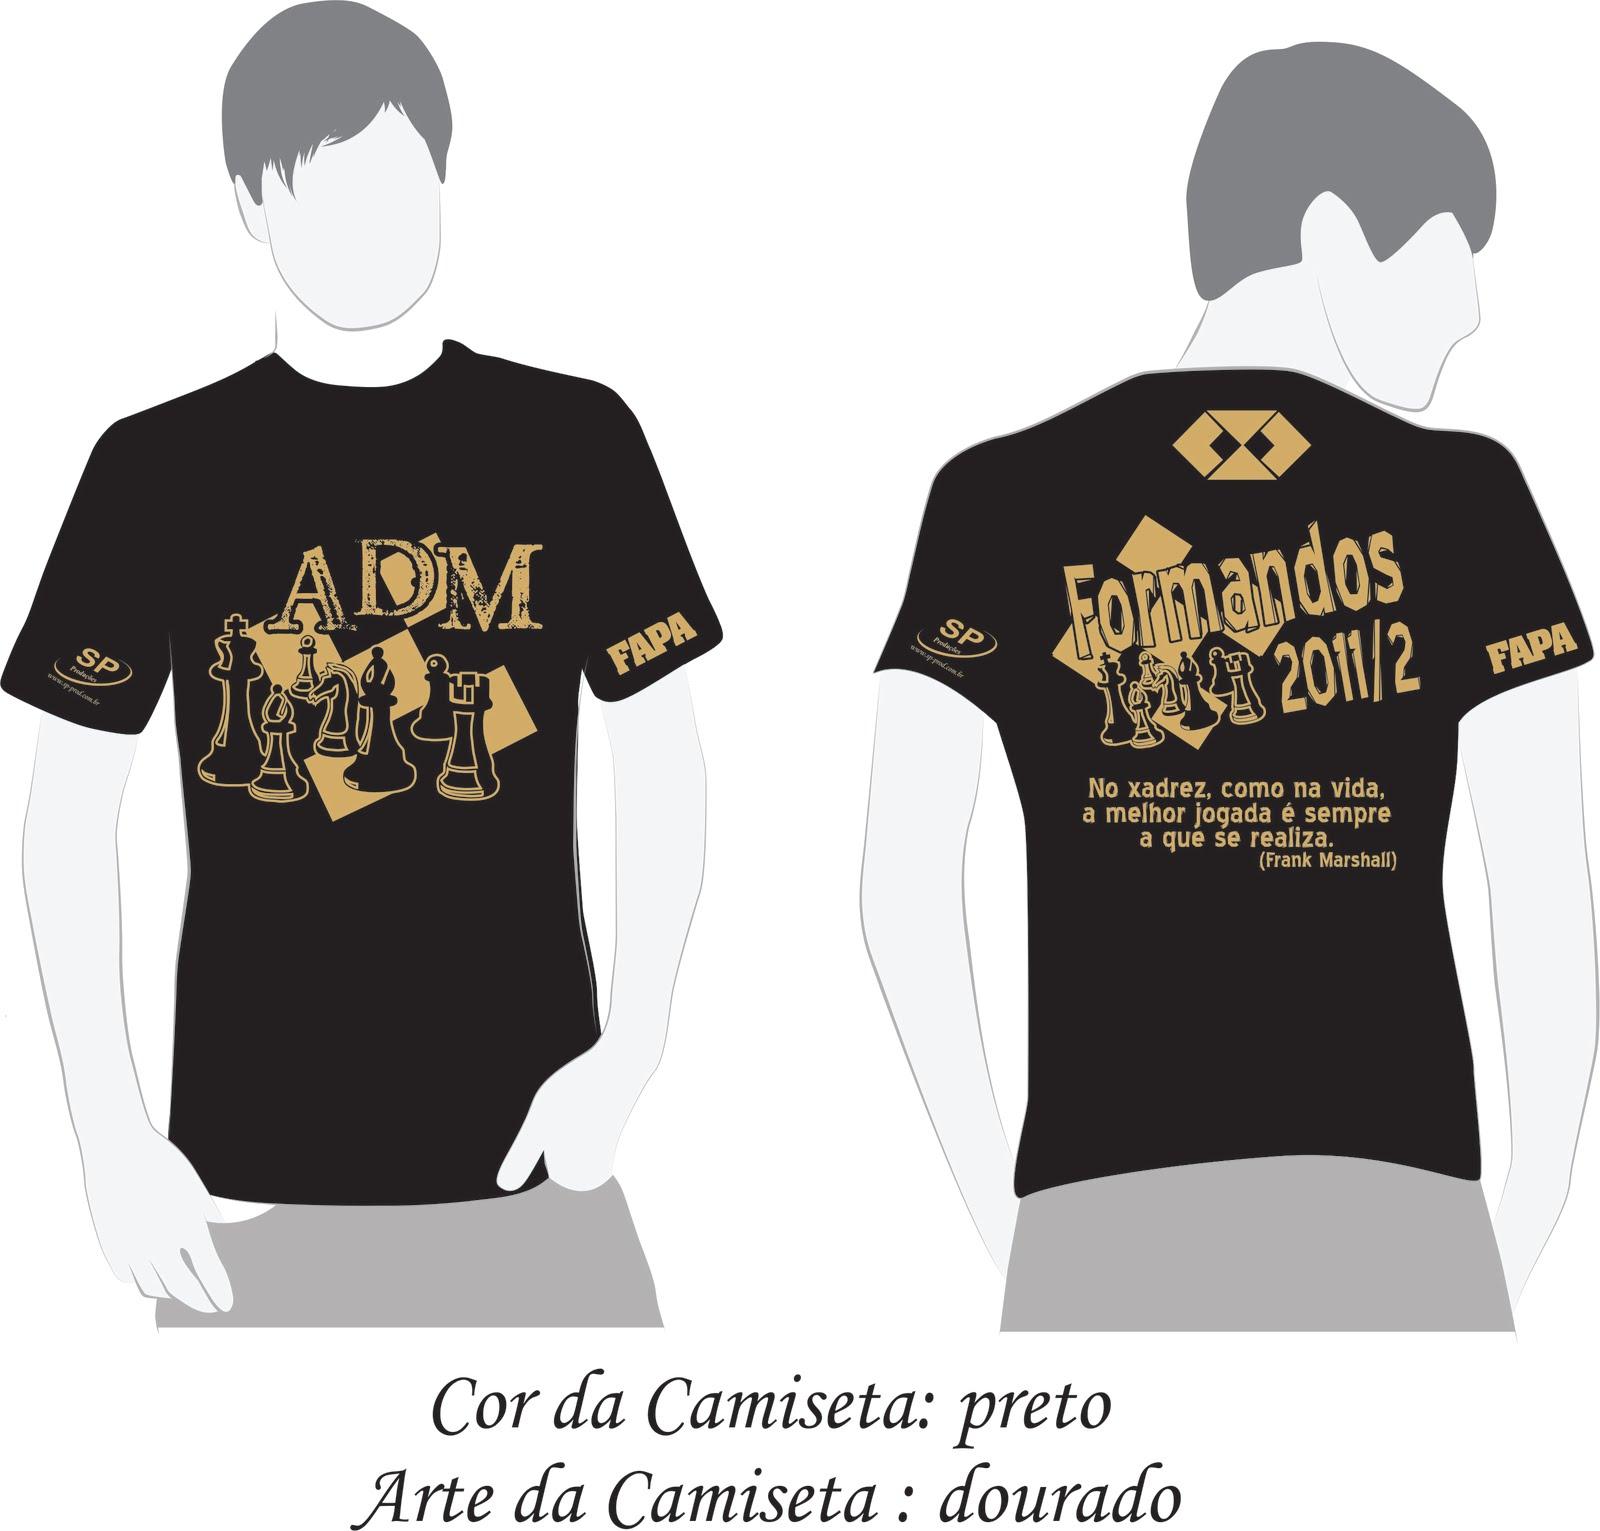 Favoritos Formandos ADM FAPA 2011/02: Modelos de Camiseta MZ33